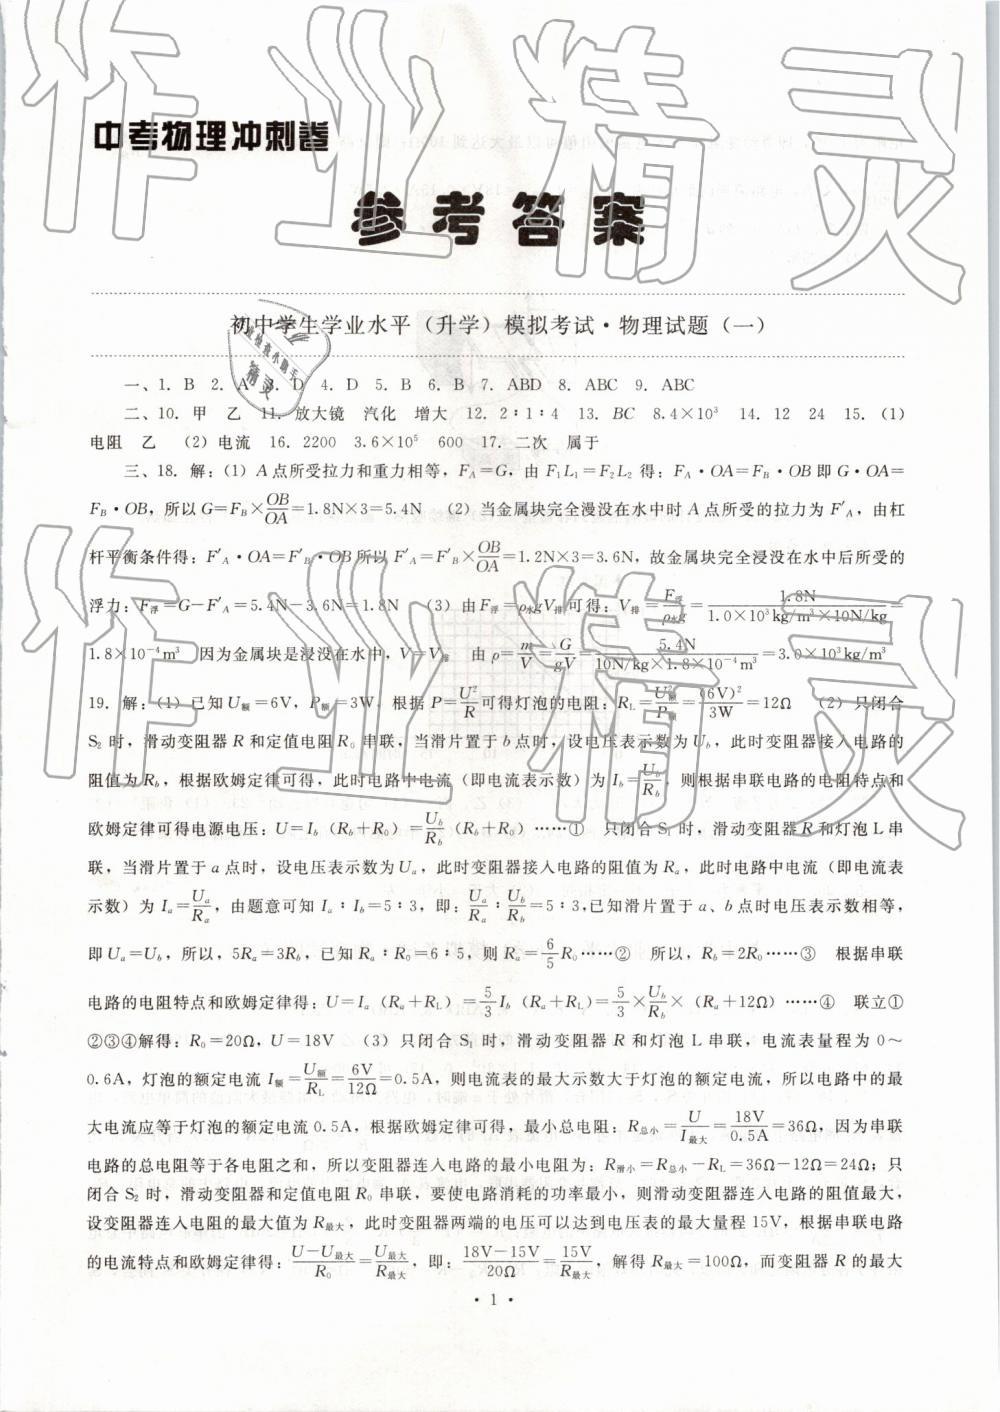 2019年中考冲刺物理吉林大学出版社第1页